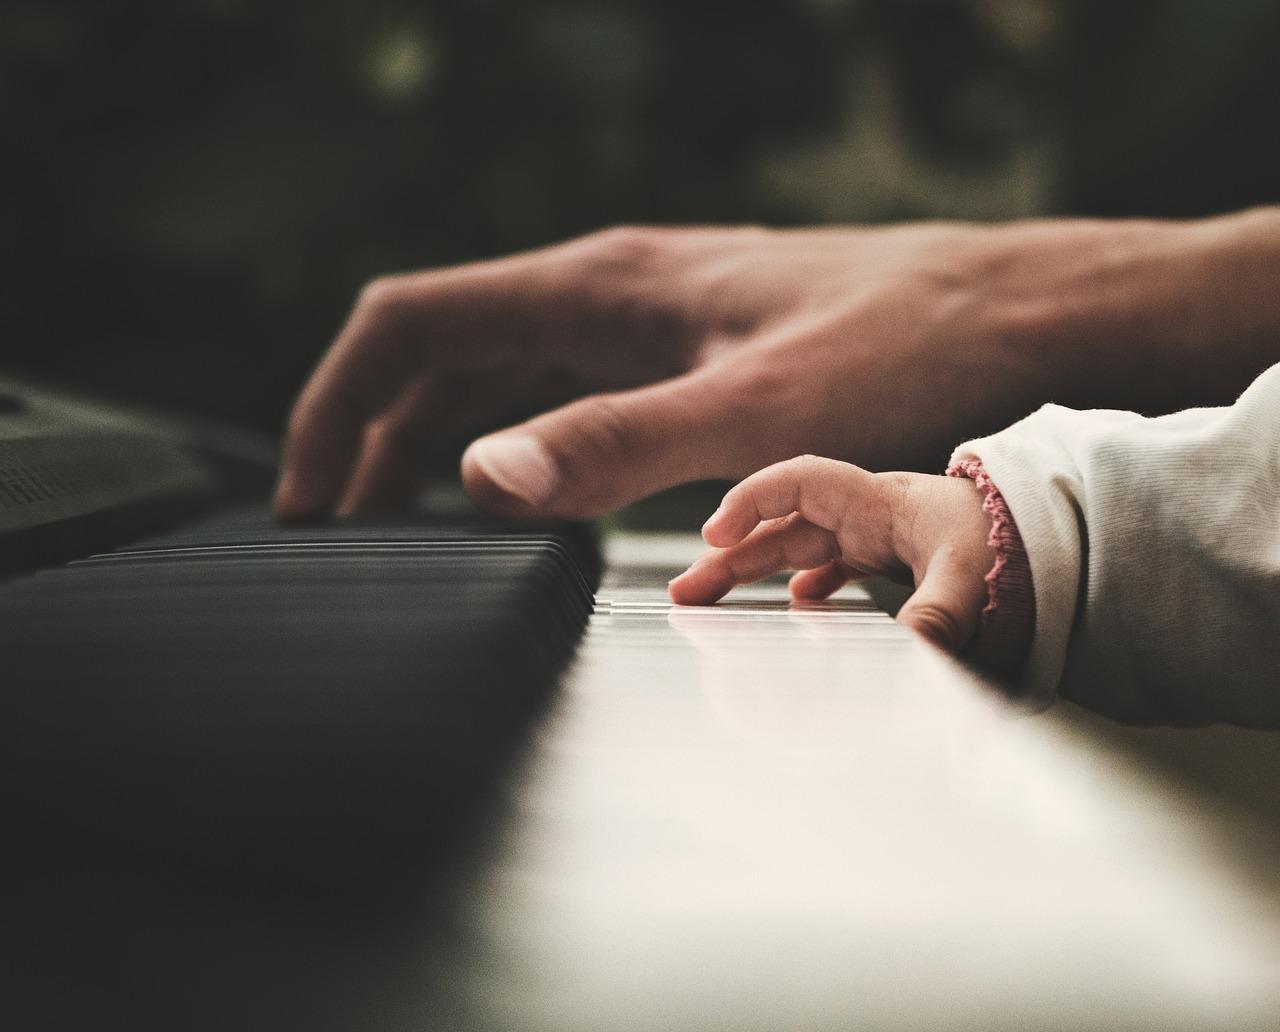 piano 2564908 1280 - Como Tocar Teclado Passo a Passo: O Caminho Que Você Precisa Seguir